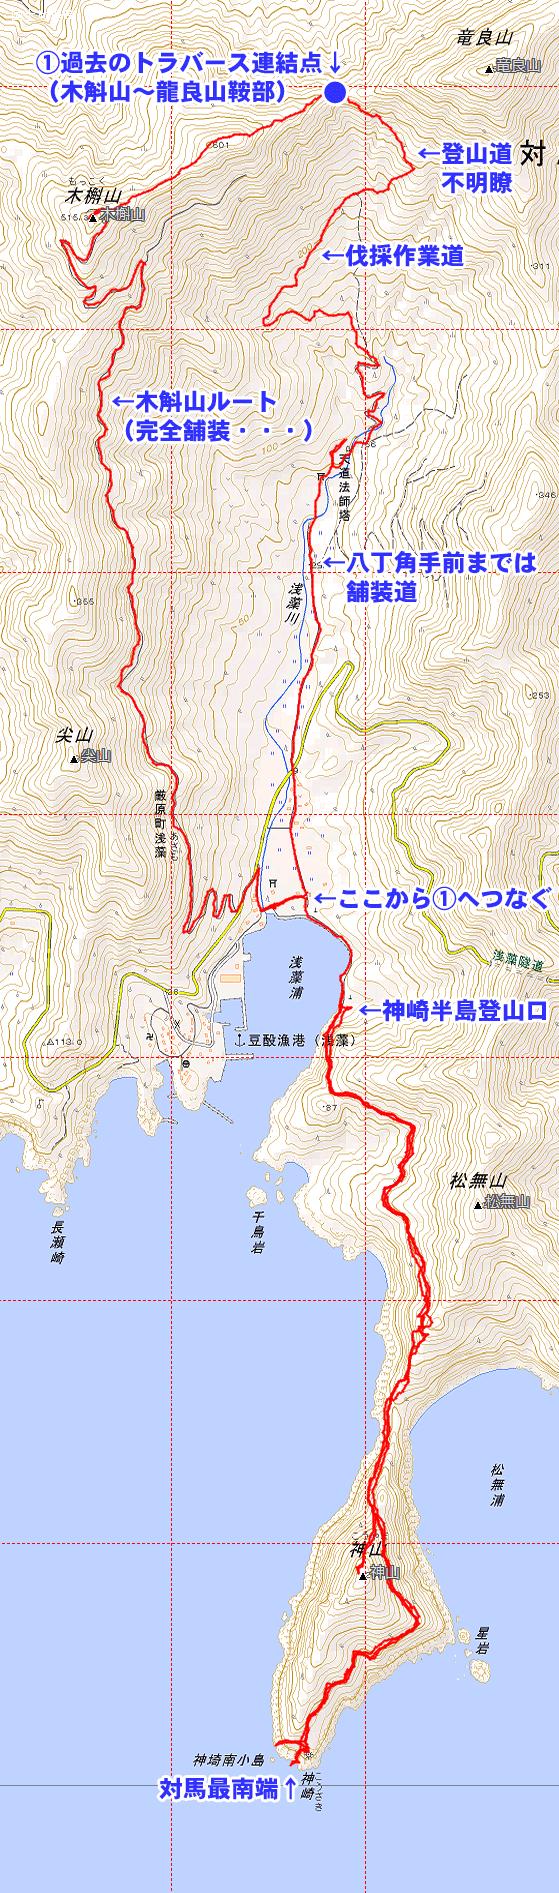 神崎半島〜龍良山鞍部